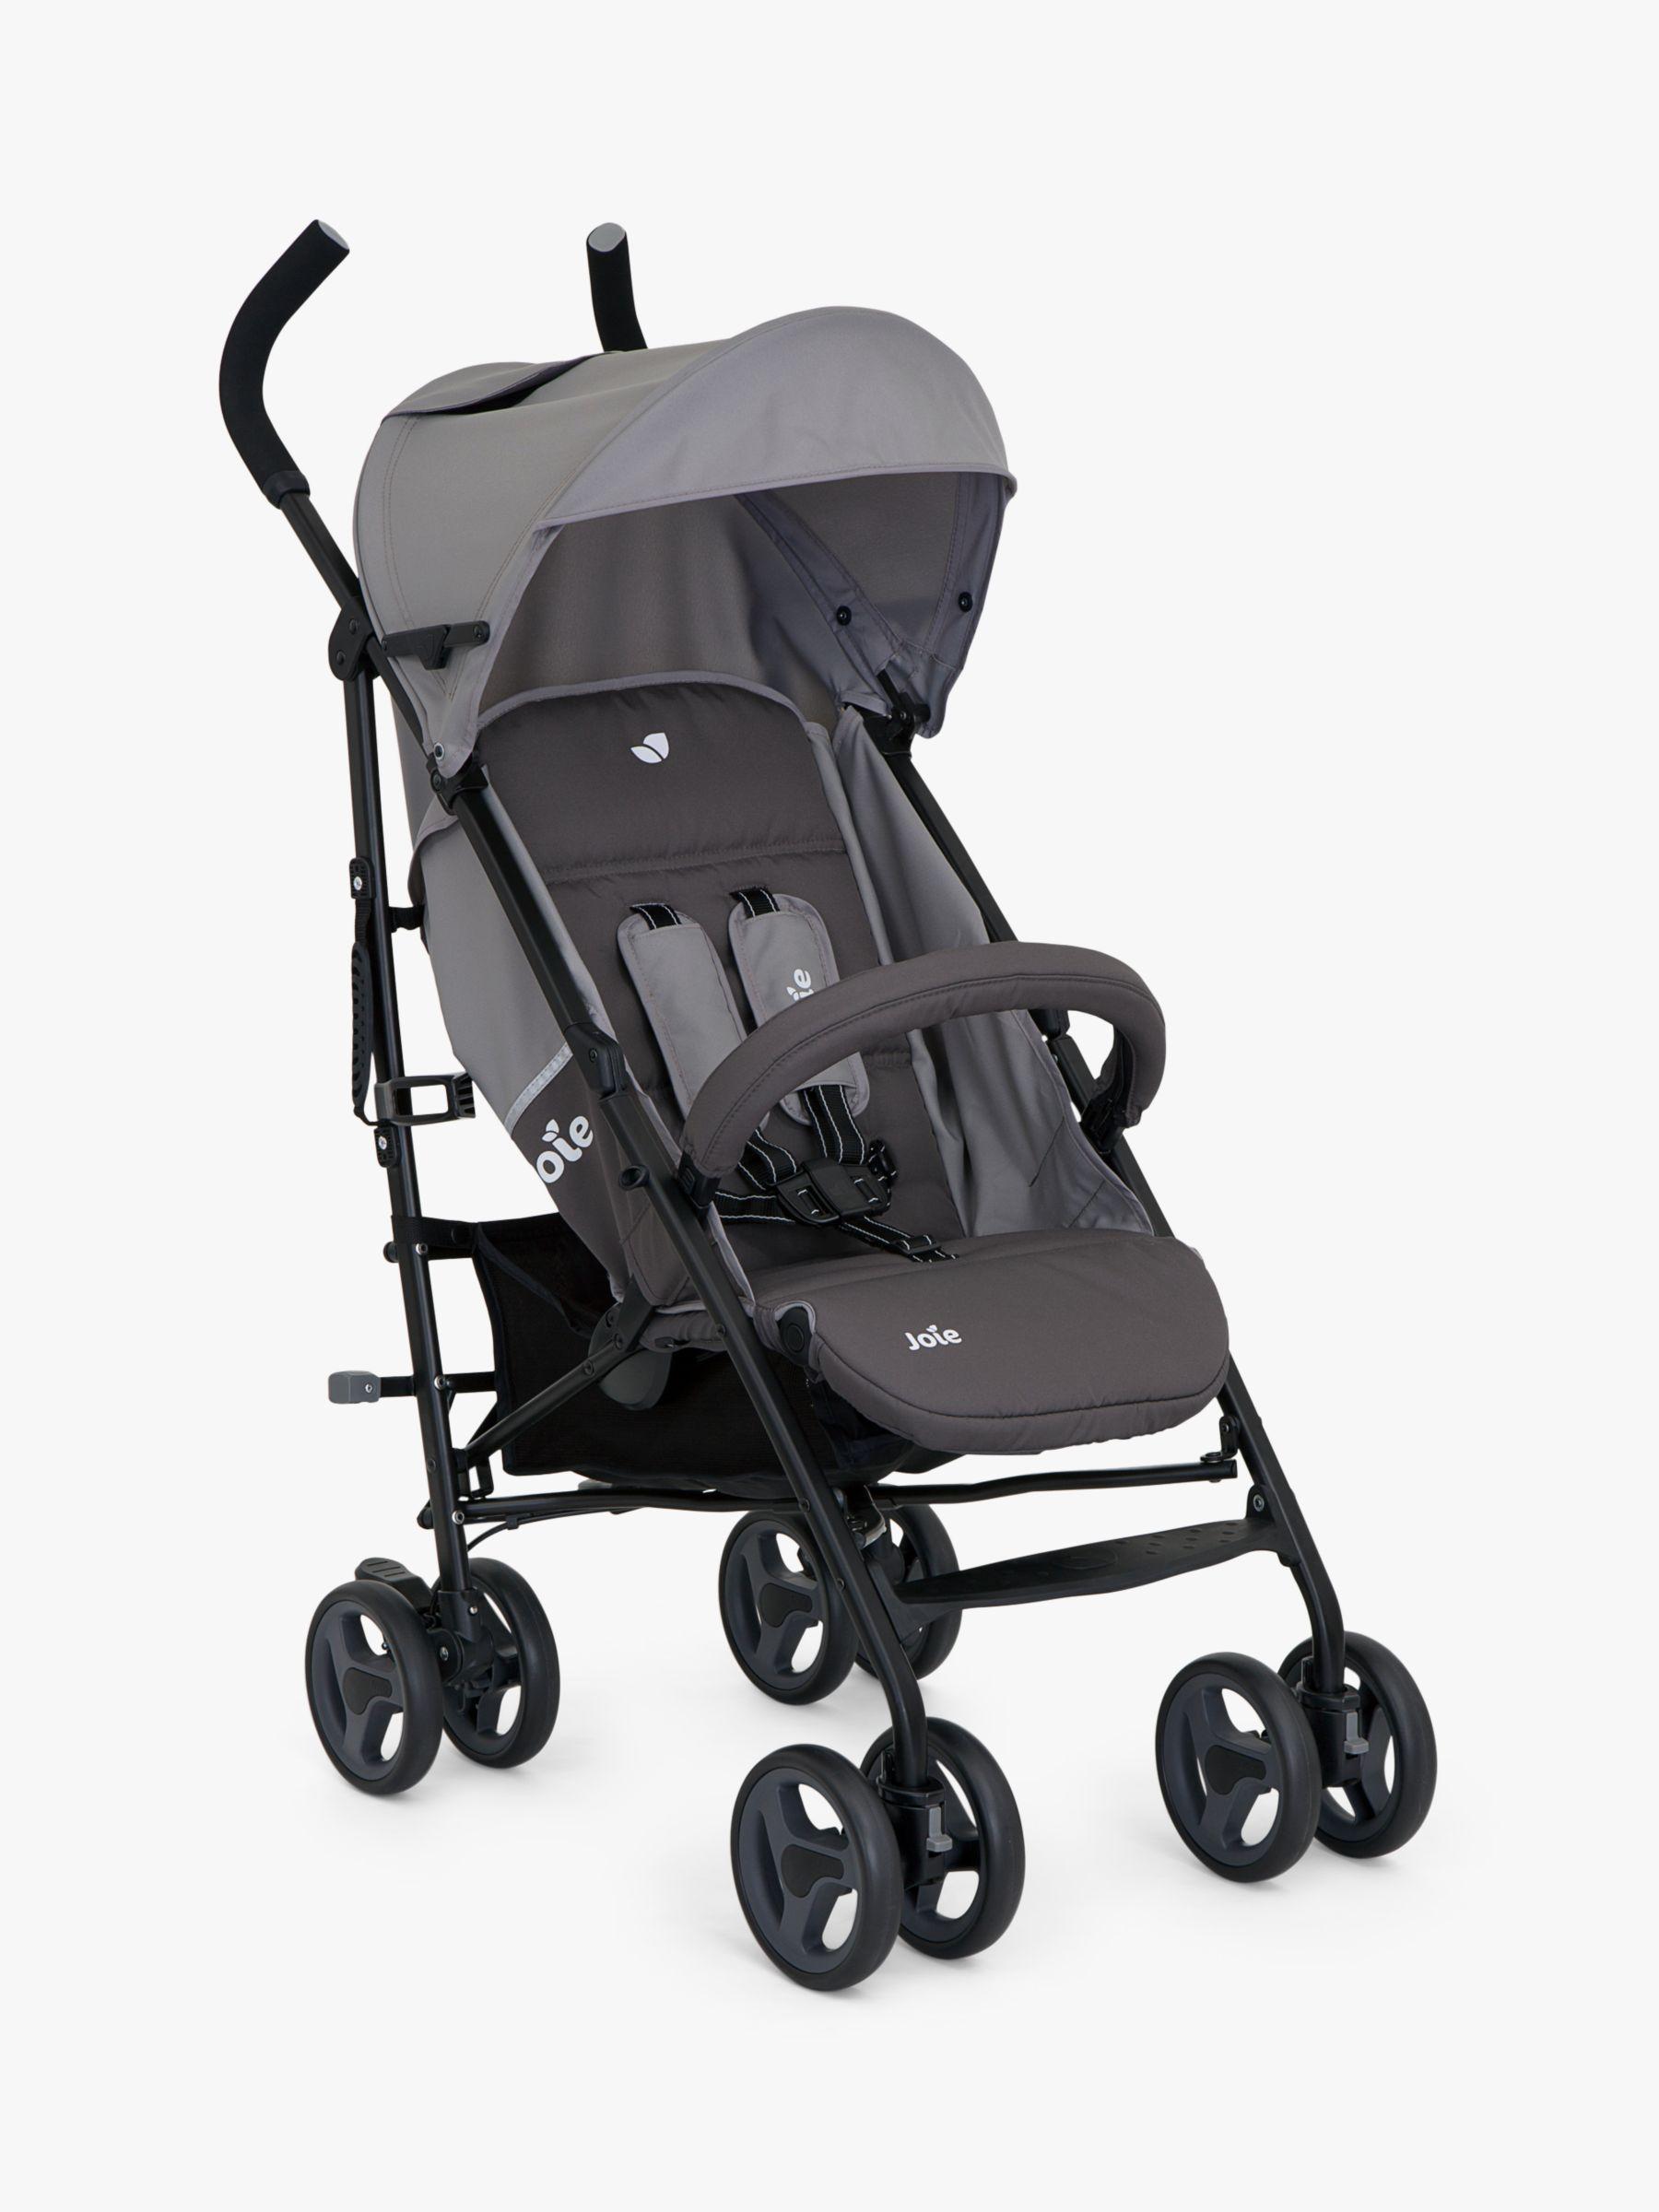 Joie Baby Joie Baby Nitro LX Stroller, Dark Pewter